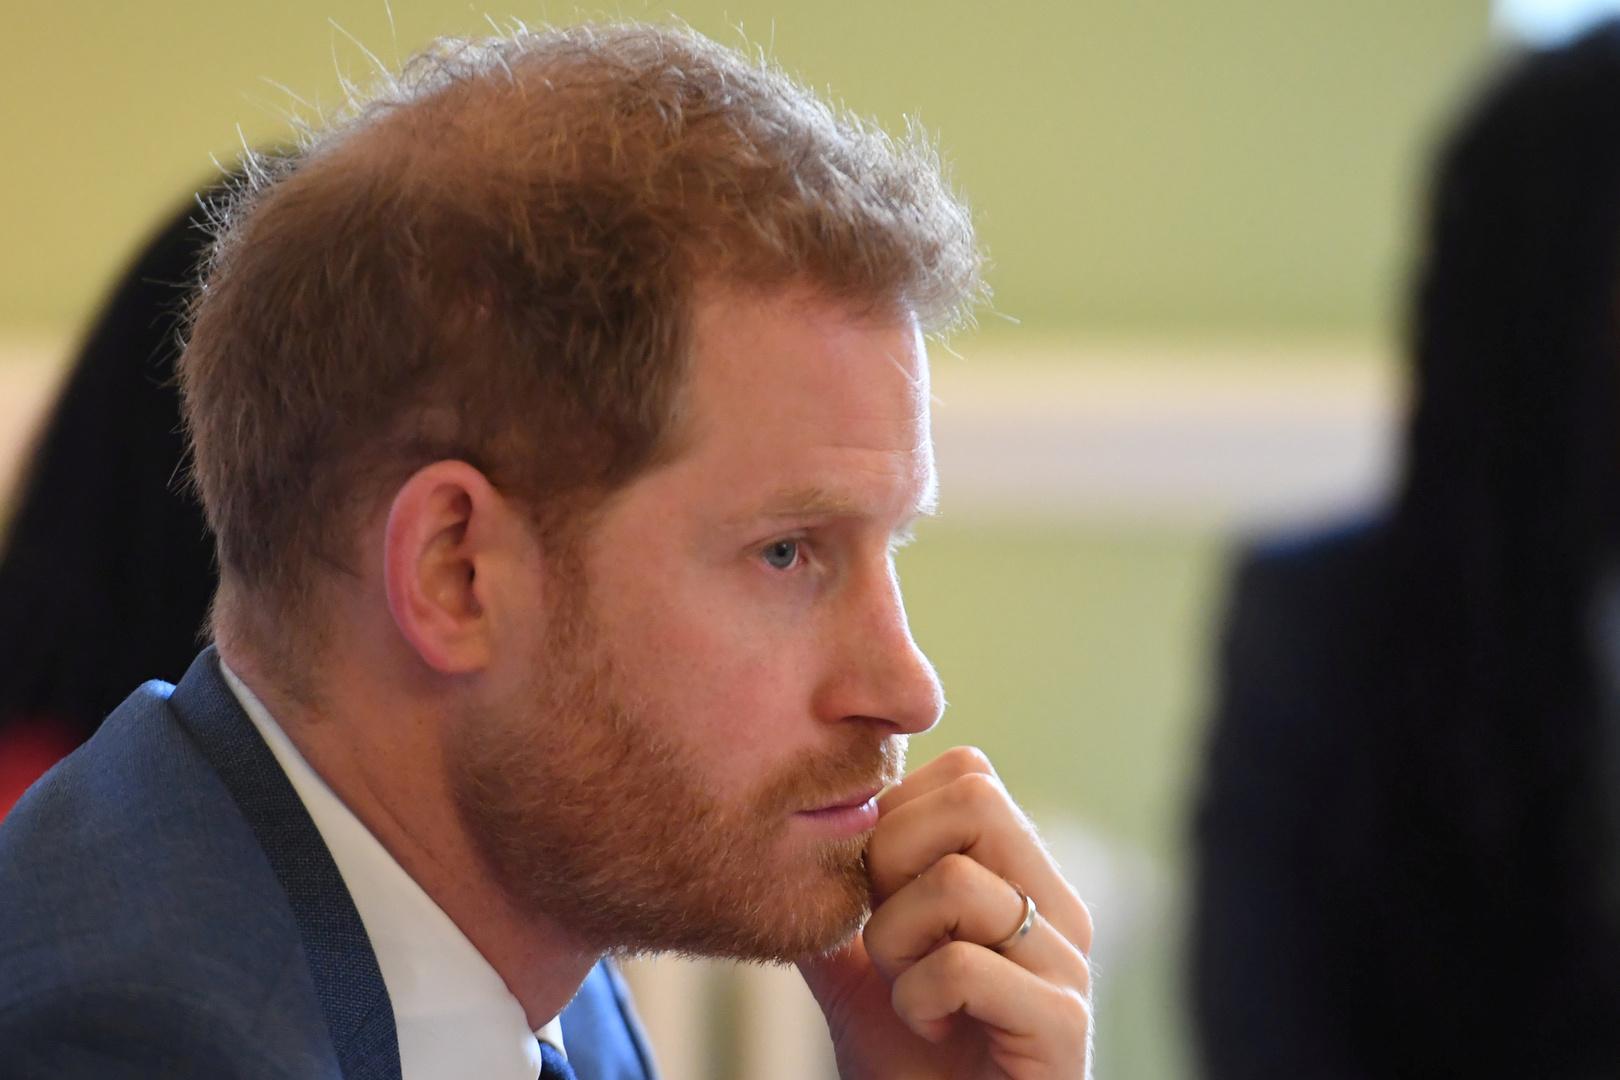 وكالة تعلن إفلاسها بسبب الأمير هاري وميغان ماركل